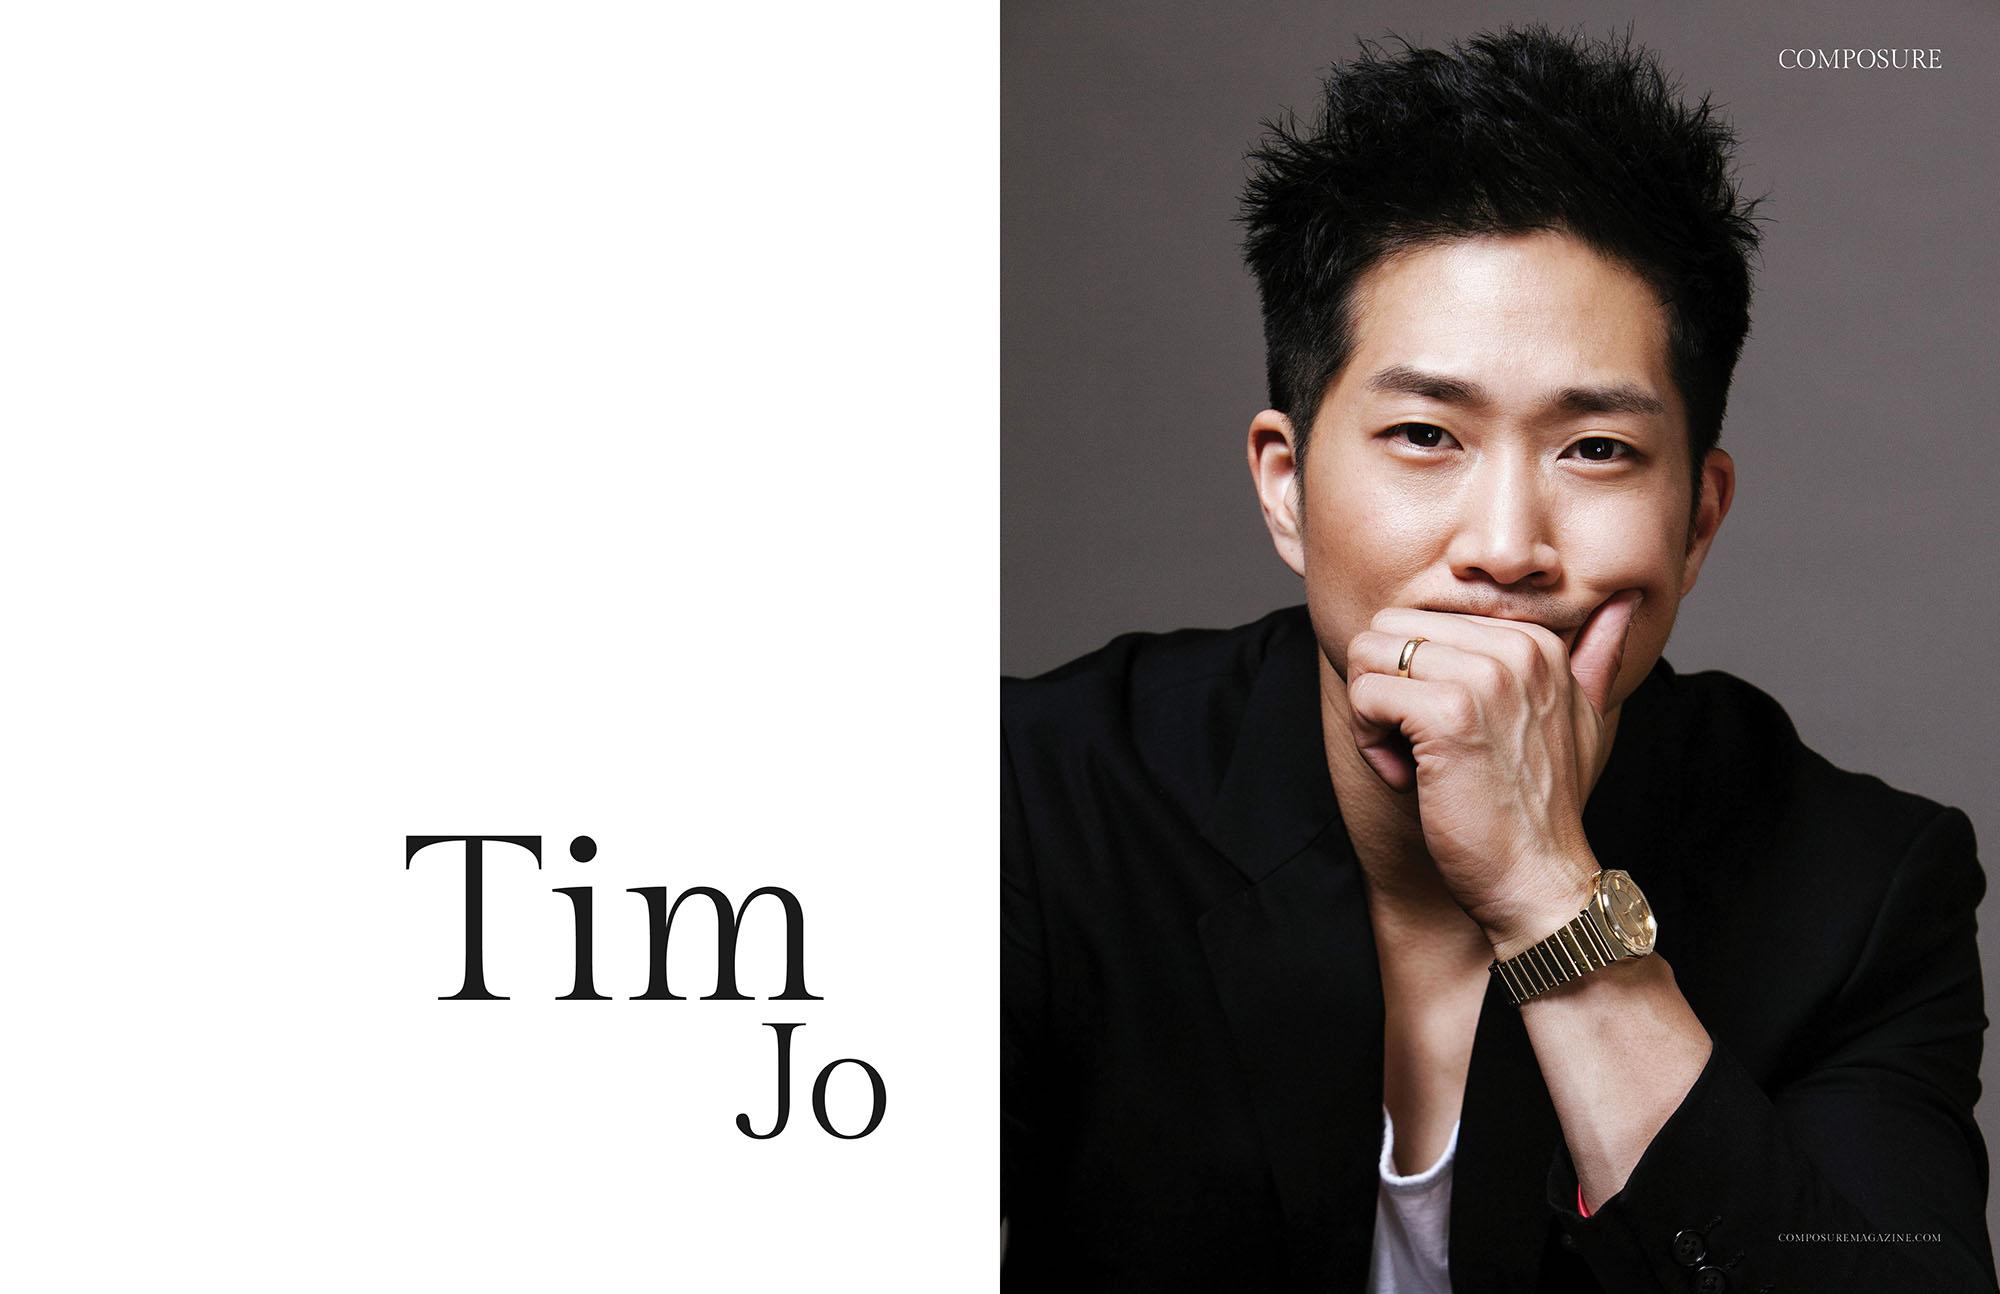 Tim Jo